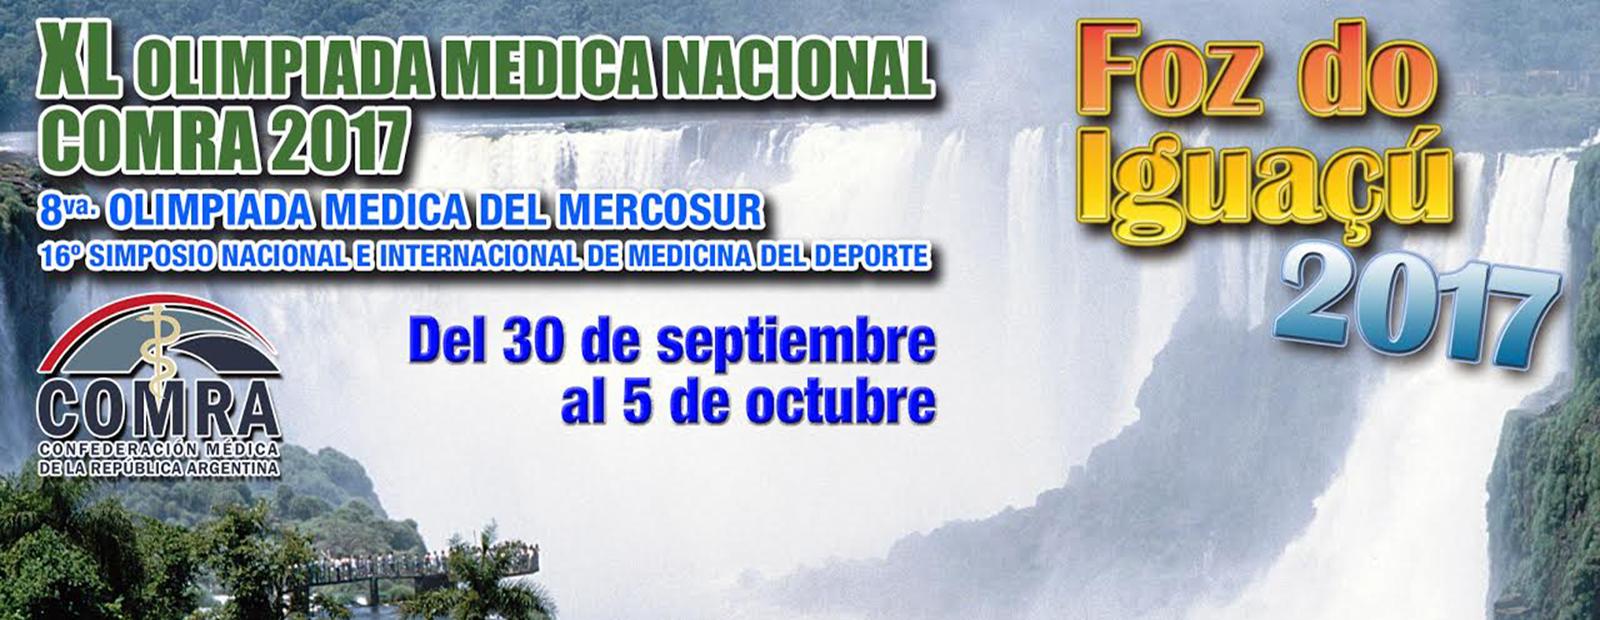 NUEVO. Olimpíada Médica Nacional de la COMRA